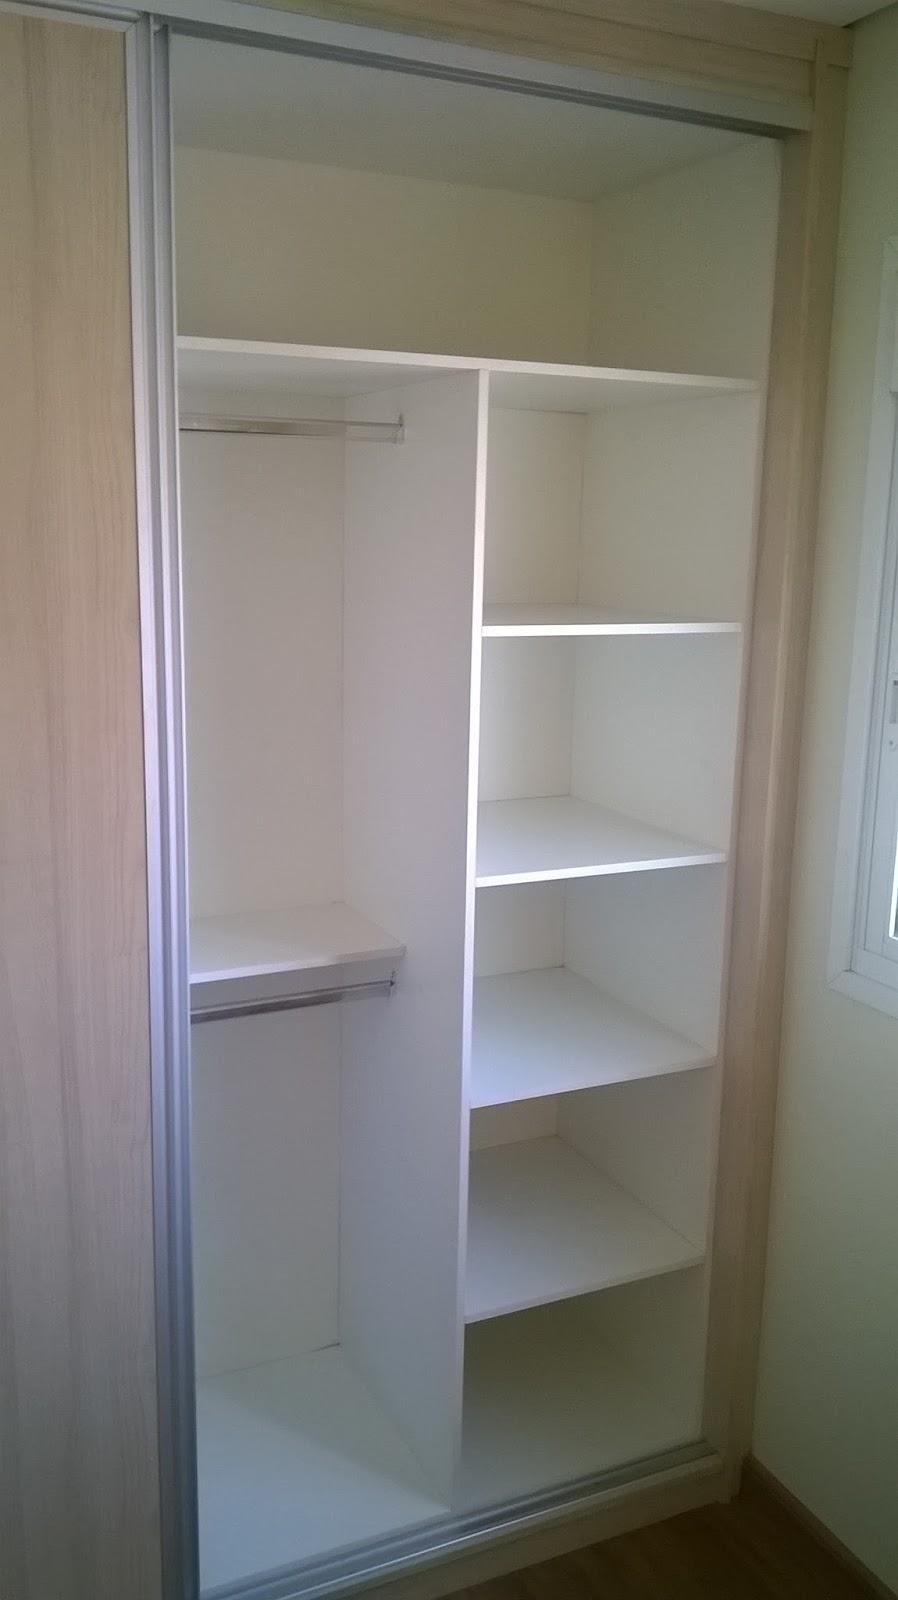 Armario Solteiro : Marcenaria farid marcondes armario quarto de solteiro